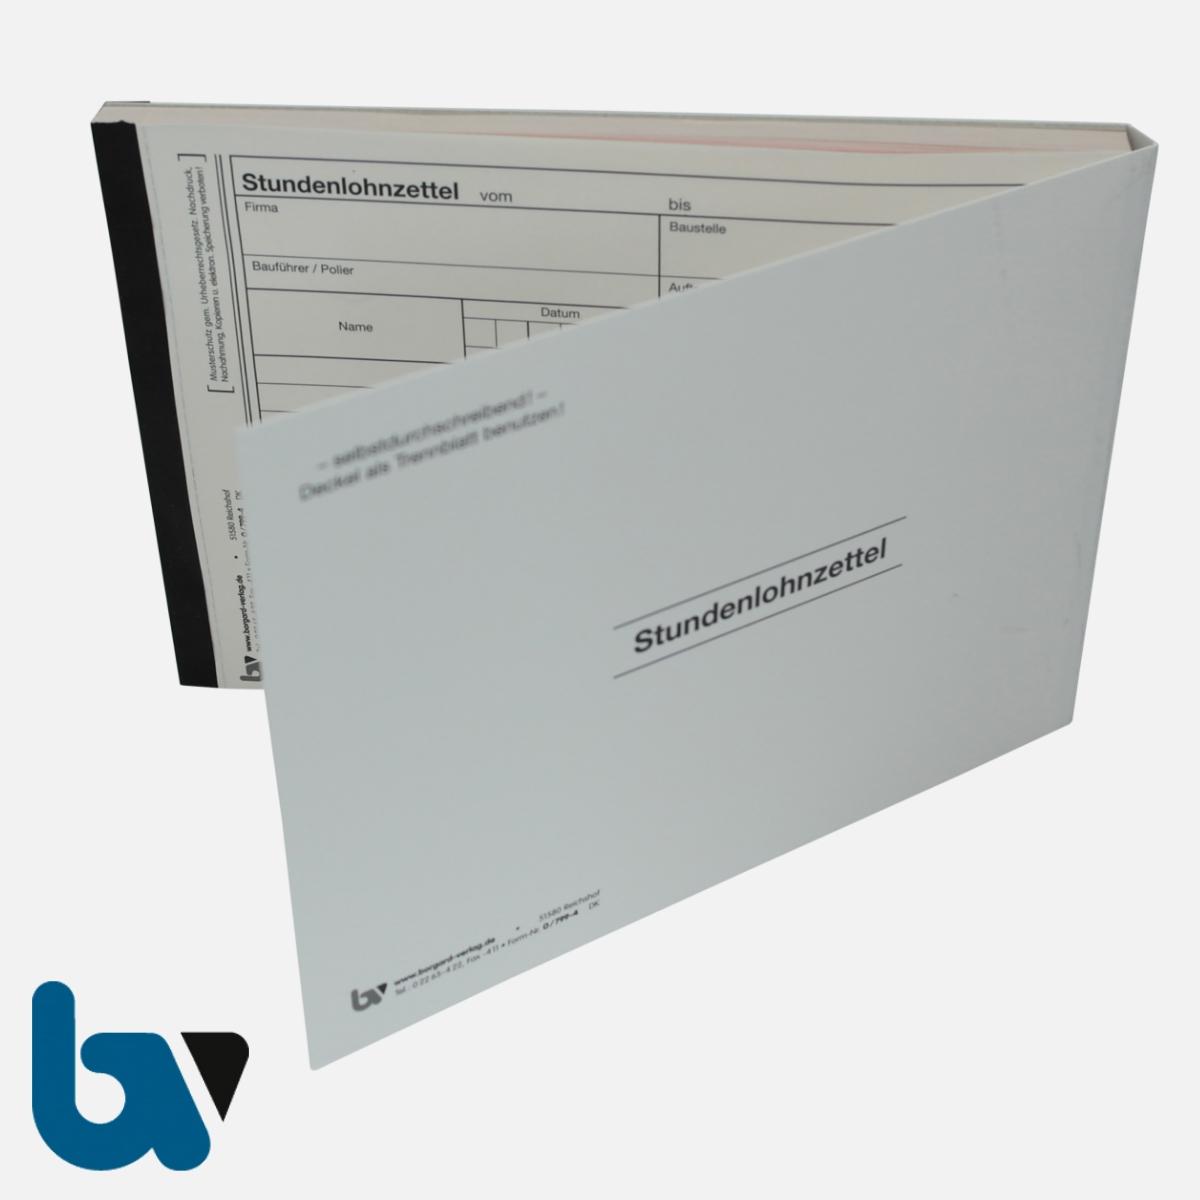 0/799-4 Stundenlohnzettel Baustelle Arbeit Baustoffe selbstdurchschreibend Einschlagdeckel Durchschreibeschutz Schreibschutzdeckel perforiert DIN A5 Vorderseite | Borgard Verlag GmbH